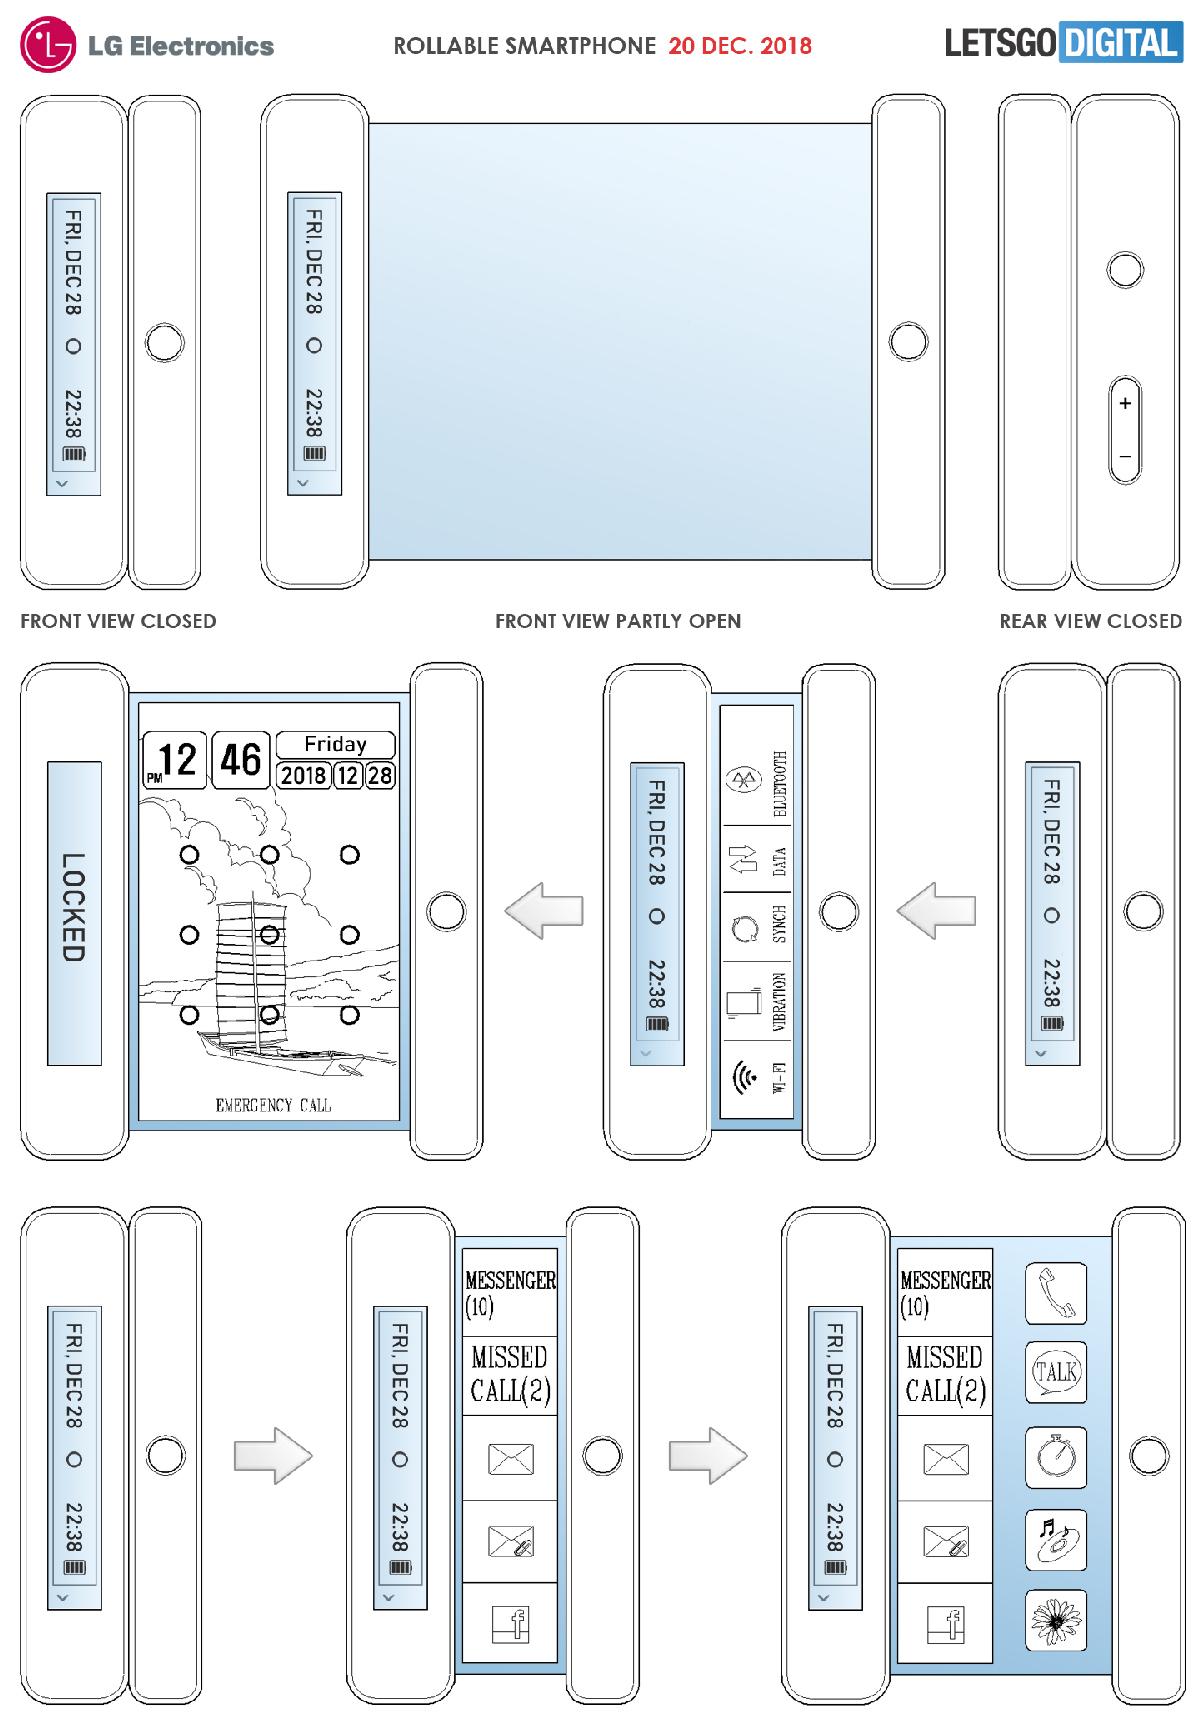 Устройство предусматривает наличие двух модулей, внутрь которых убирается скручивающийся экран